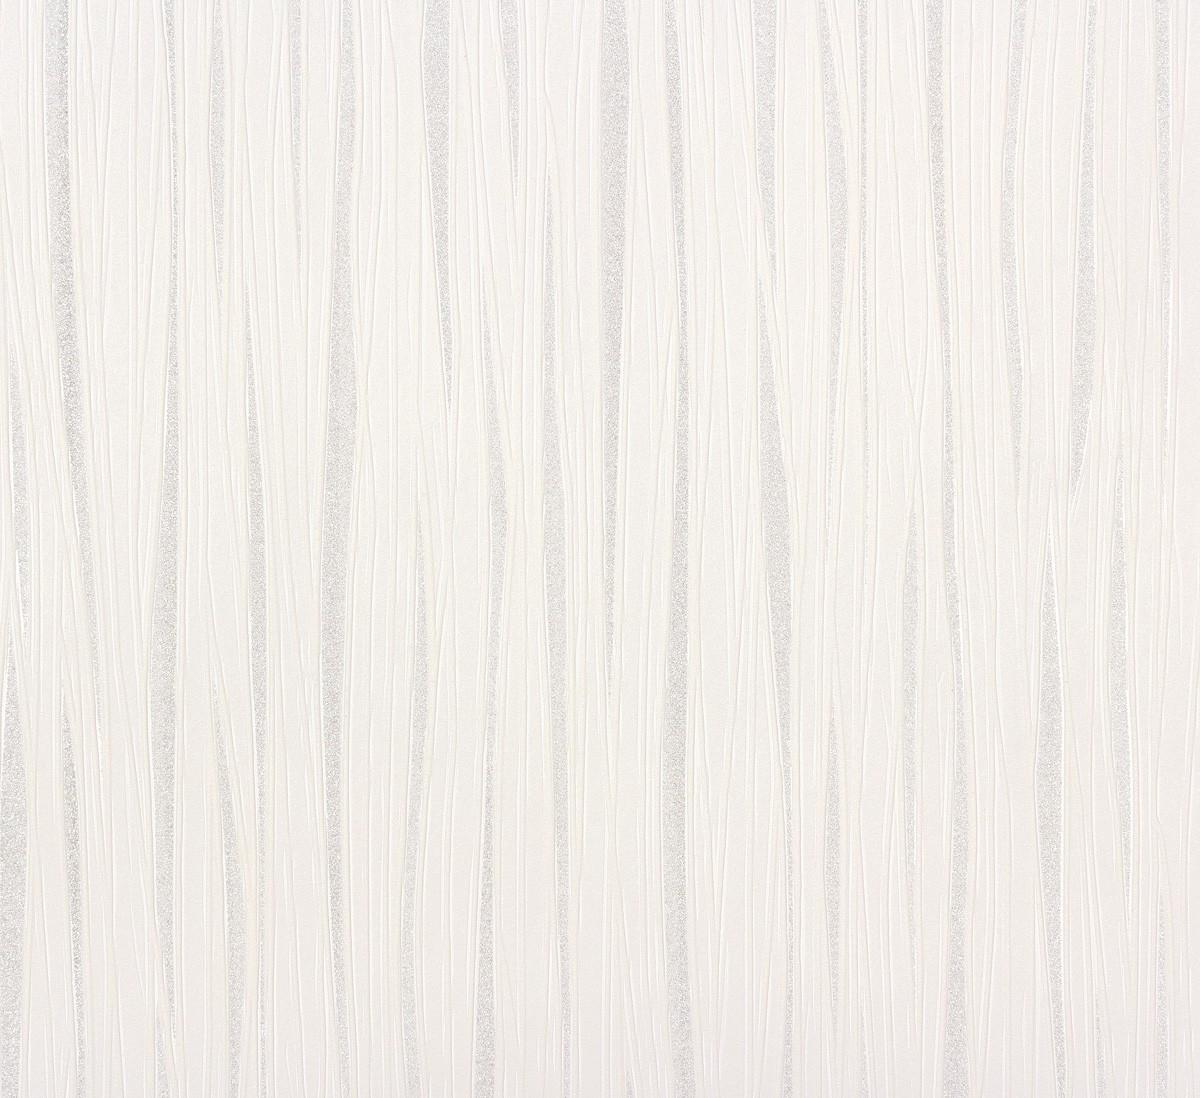 vliestapete streifen wei silber tapeten marburg wohnsinn. Black Bedroom Furniture Sets. Home Design Ideas